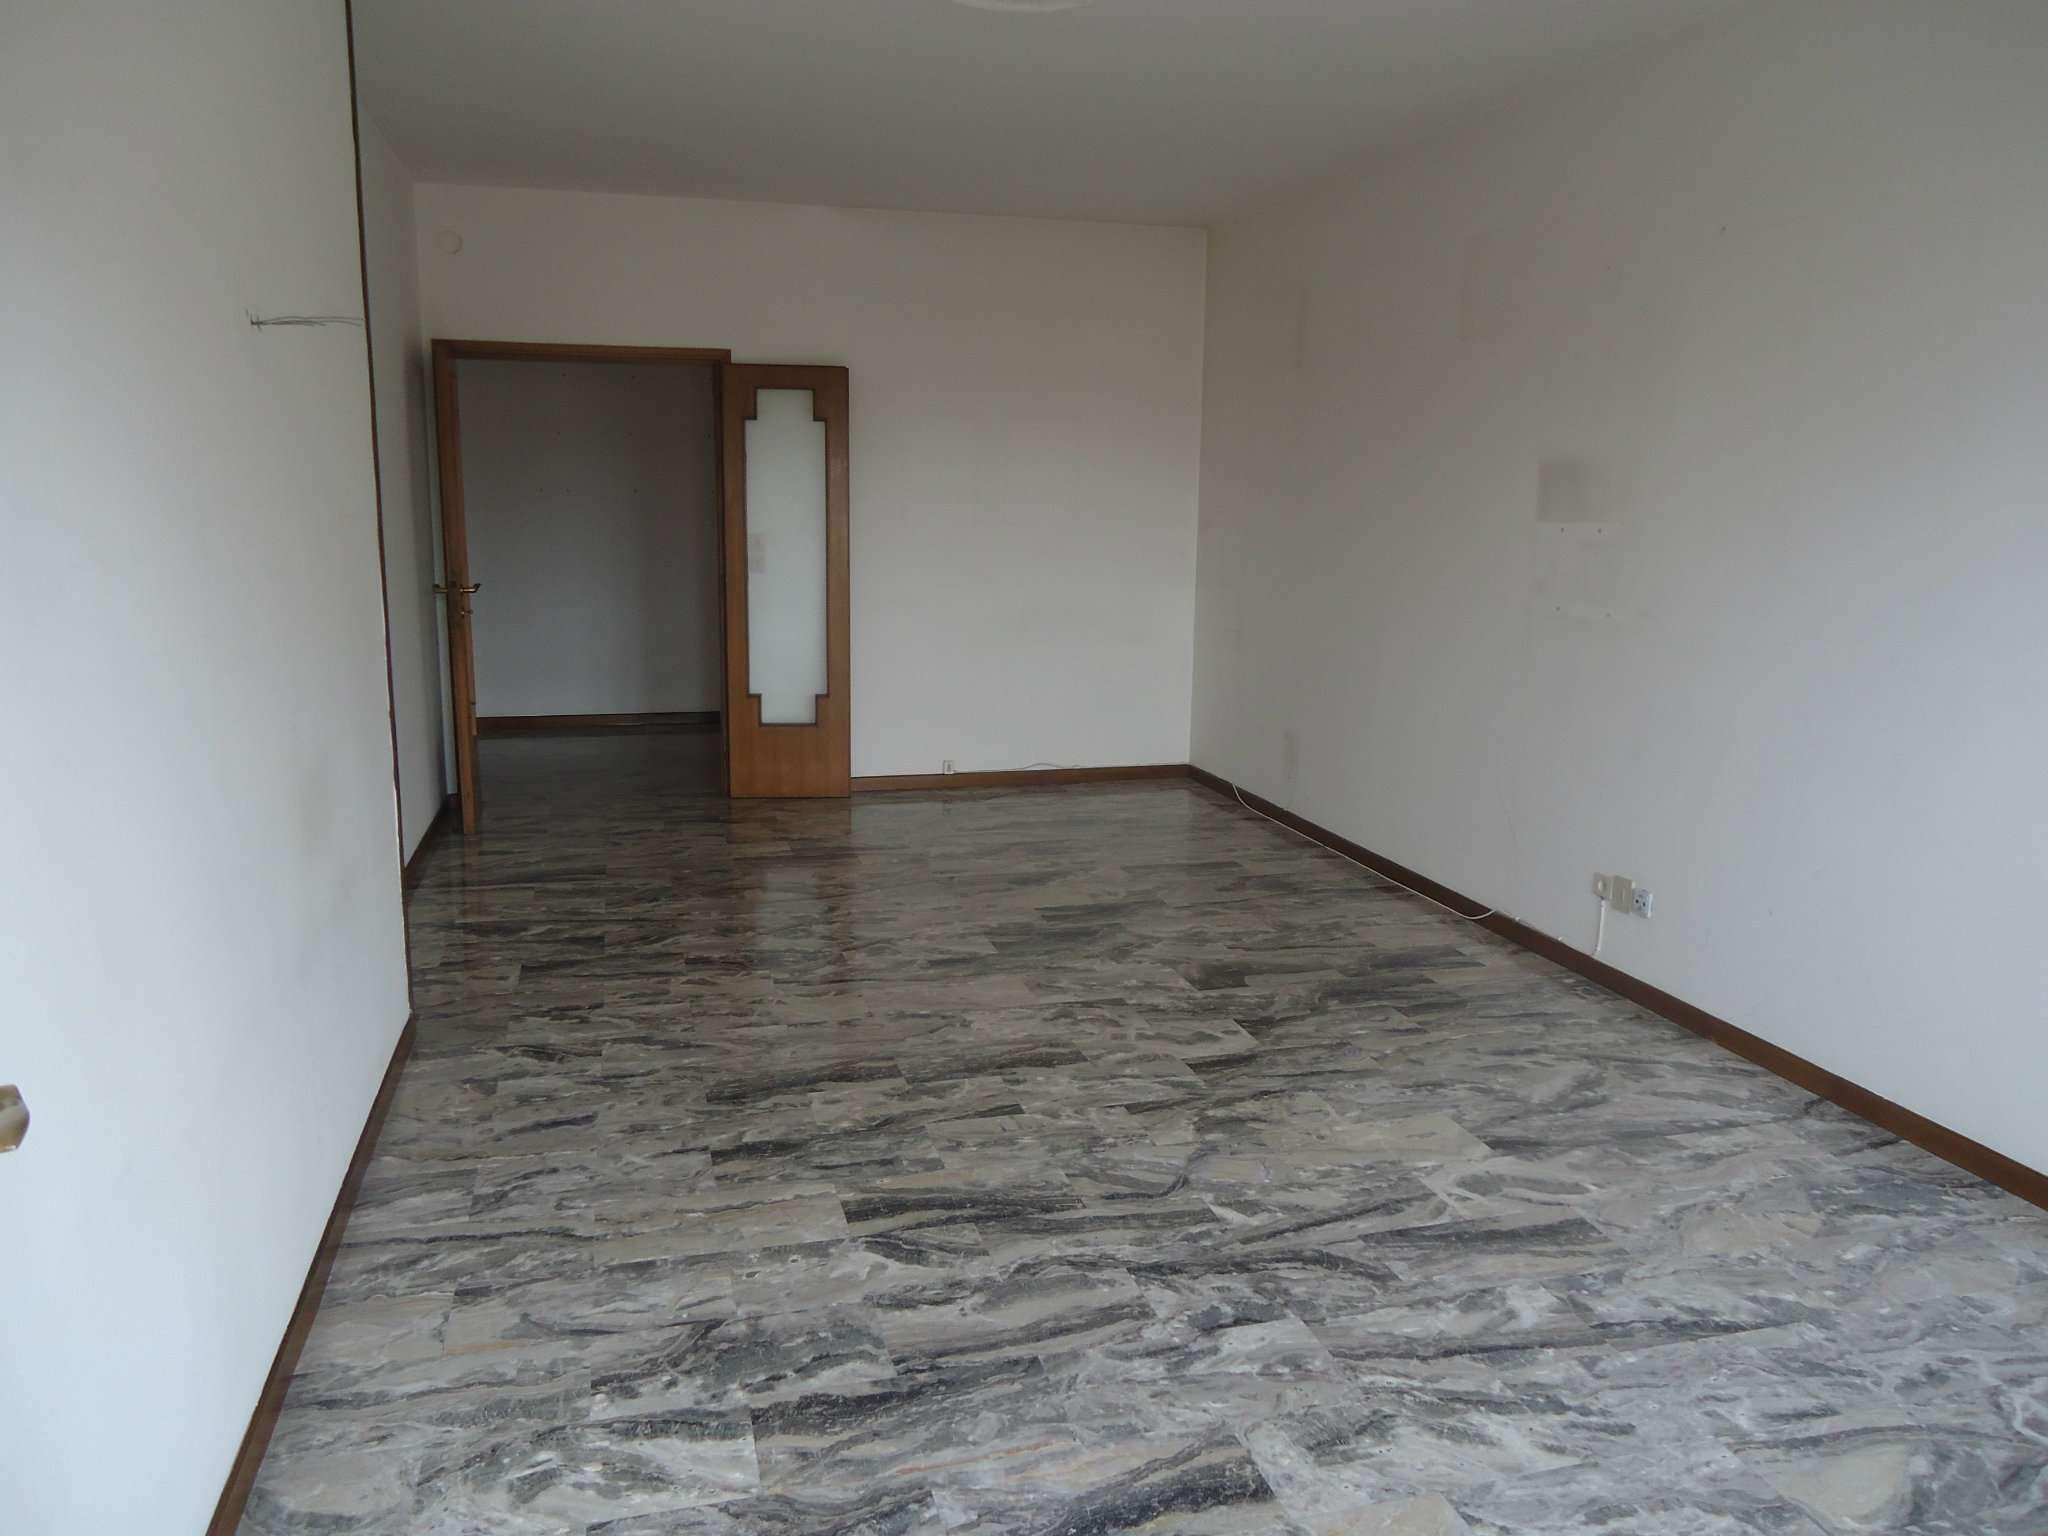 Appartamento in vendita a Padova, 5 locali, zona Zona: 4 . Sud-Est (S.Croce-S. Osvaldo, Bassanello-Voltabarozzo), prezzo € 149.000 | Cambio Casa.it